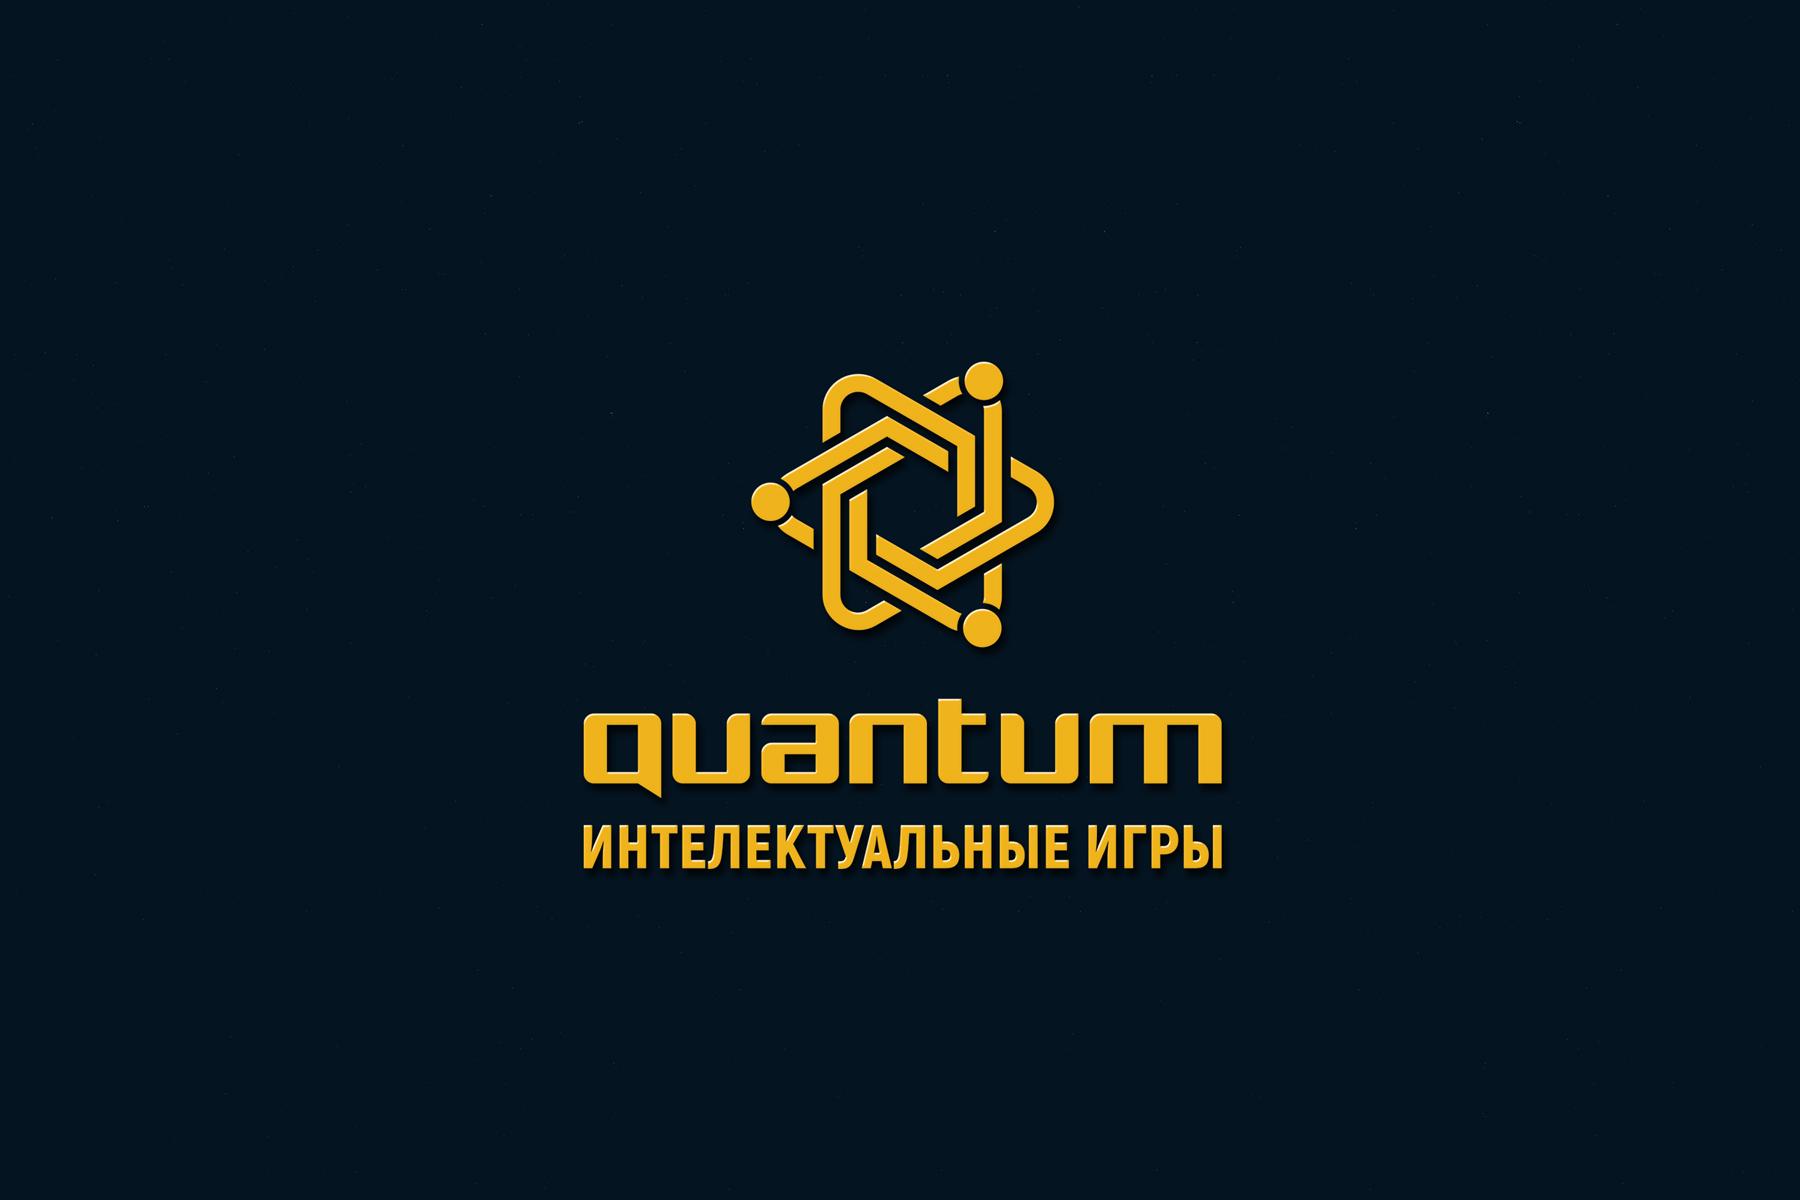 Редизайн логотипа бренда интеллектуальной игры фото f_3375bc6543787ada.jpg